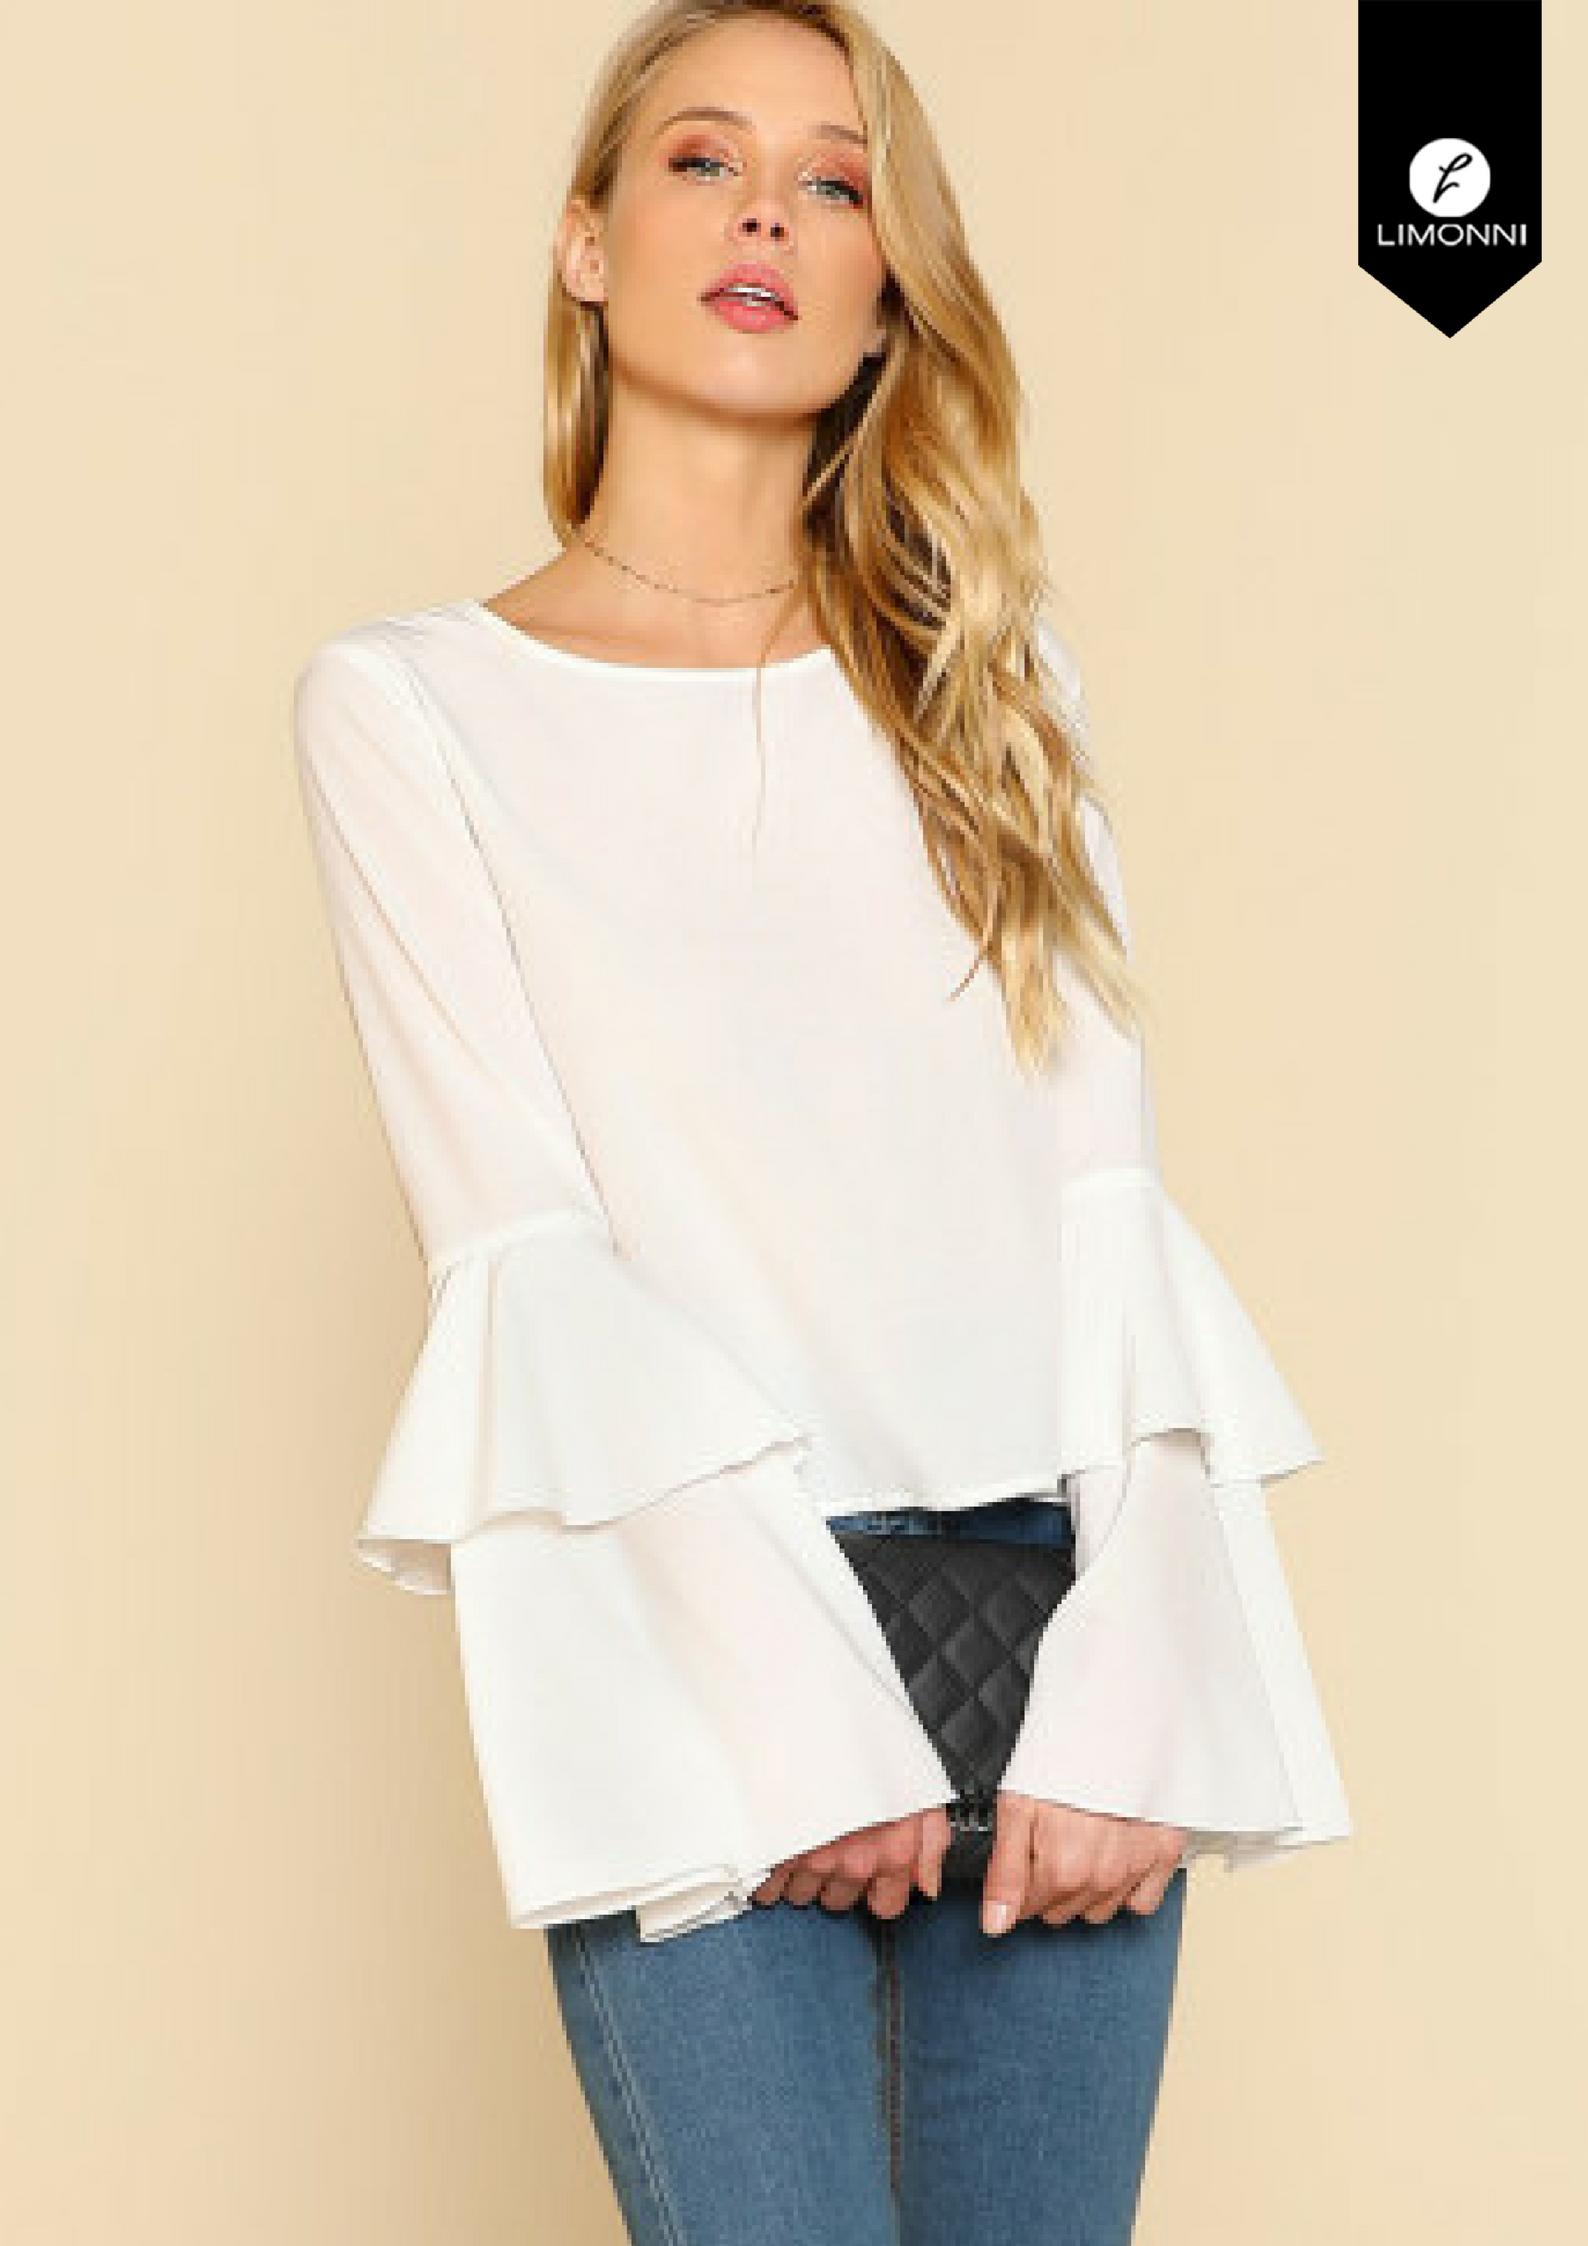 Blusas para mujer Limonni Novalee LI1480 Casuales